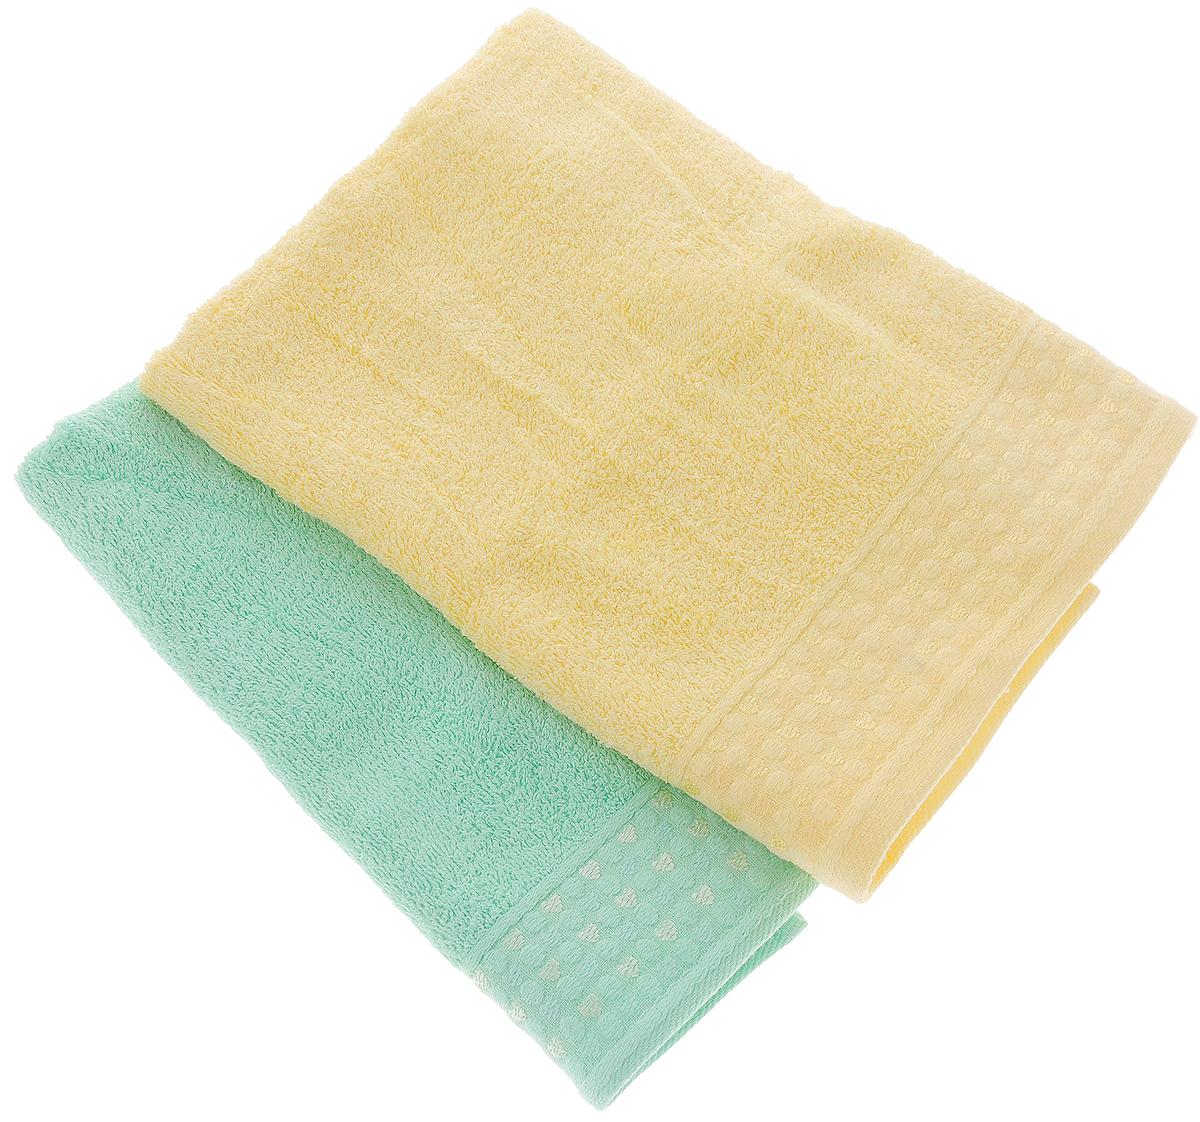 Набор полотенец Tete-a-Tete Сердечки, цвет: желтый, бирюза, 50 х 90 см, 2 шт68/5/3Набор Tete-a-Tete Сердечки состоит из двух махровых полотенец, выполненных из натурального 100% хлопка. Бордюр полотенец декорирован рисунком сердечек. Изделия мягкие, отлично впитывают влагу, быстро сохнут, сохраняют яркость цвета и не теряют форму даже после многократных стирок. Полотенца Tete-a-Tete Сердечки очень практичны и неприхотливы в уходе. Они легко впишутся в любой интерьер благодаря своей нежной цветовой гамме. Набор упакован в красивую коробку и может послужить отличной идеей подарка.Размер полотенец: 50 х 90 см.